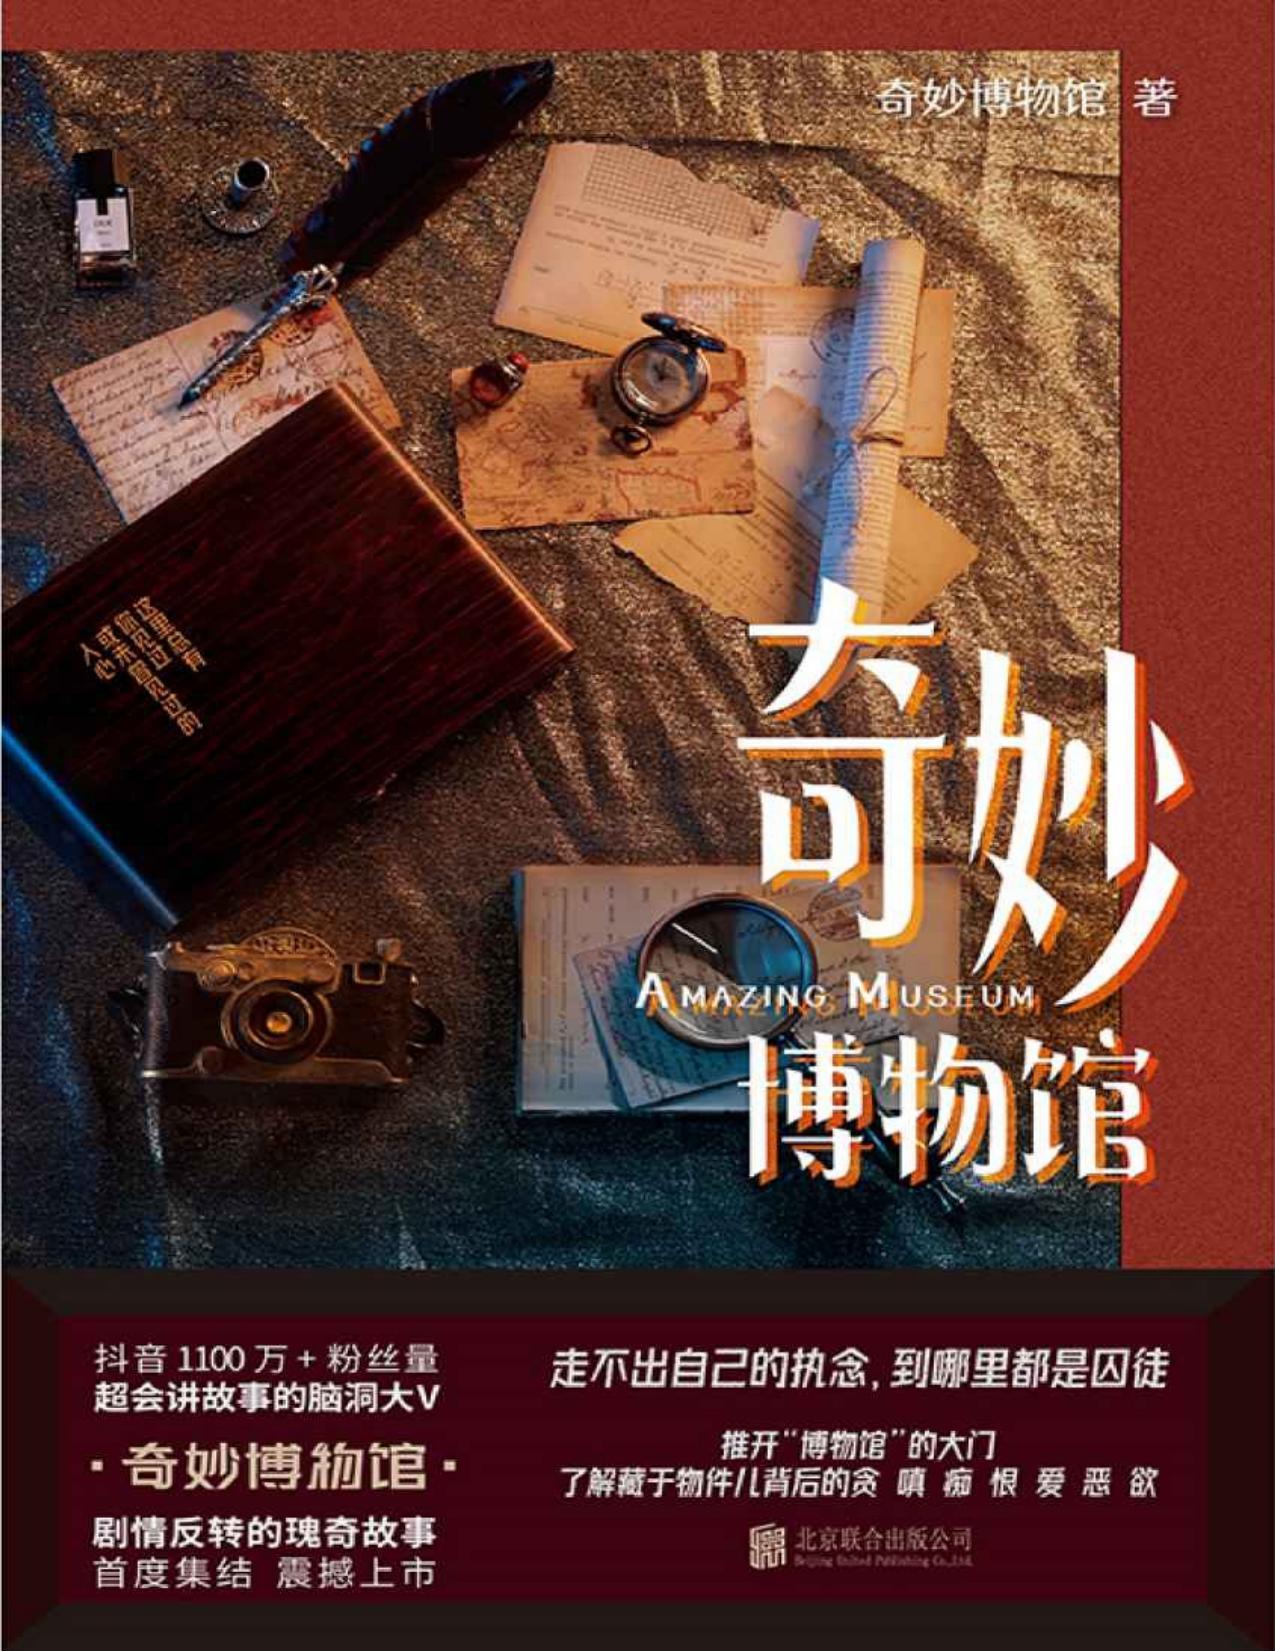 奇妙博物馆—奇妙博物馆—pdf+mobi+epub+txt+azw3电子书下载